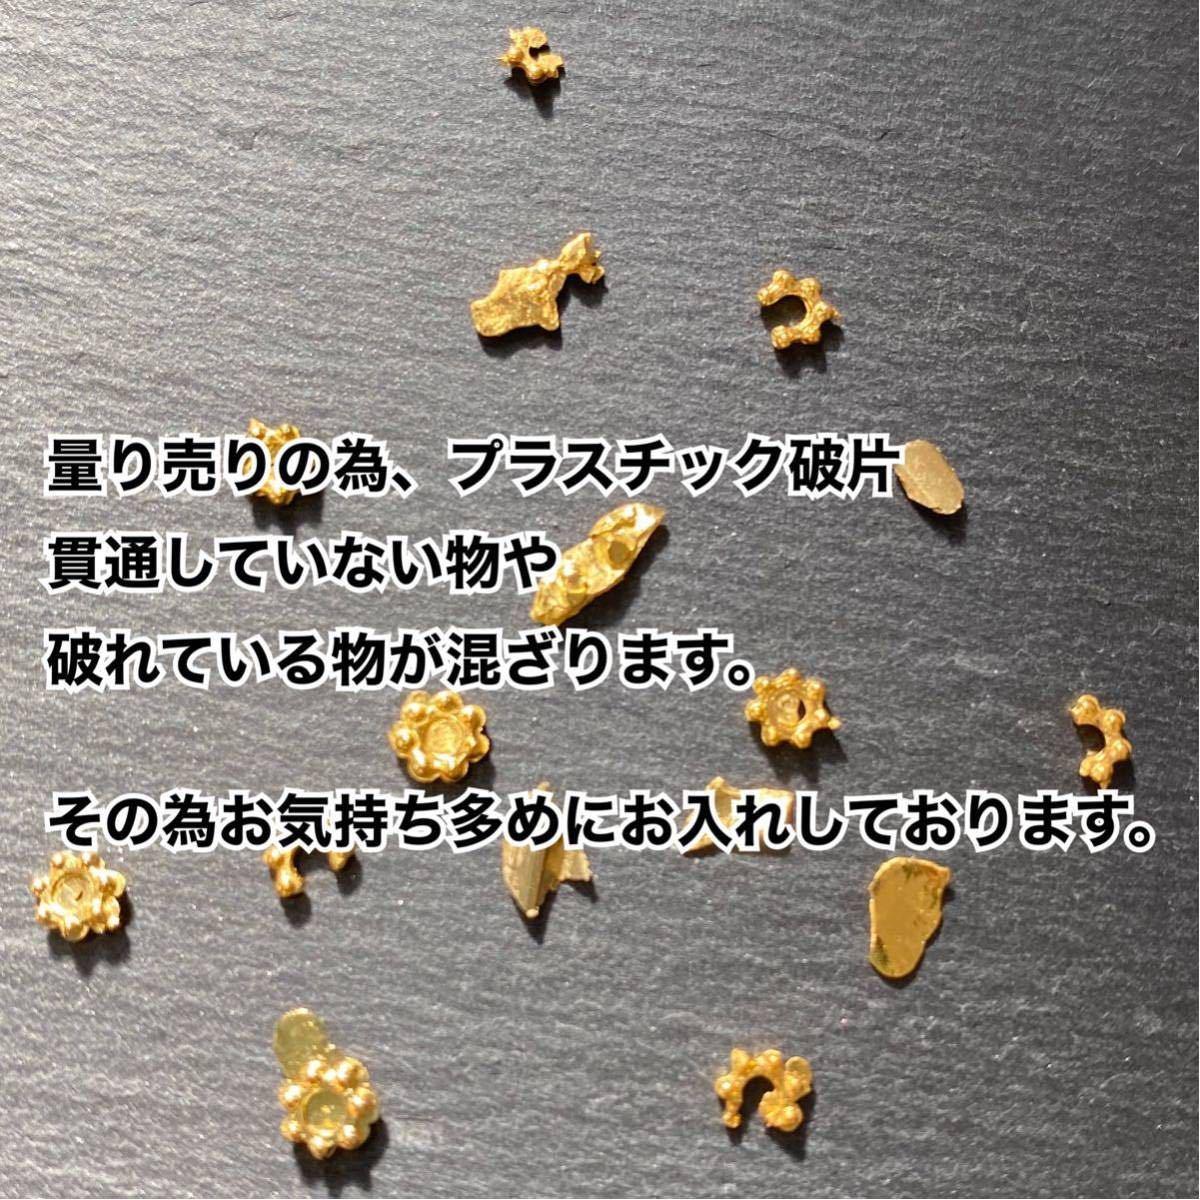 カッパ様専用ページ